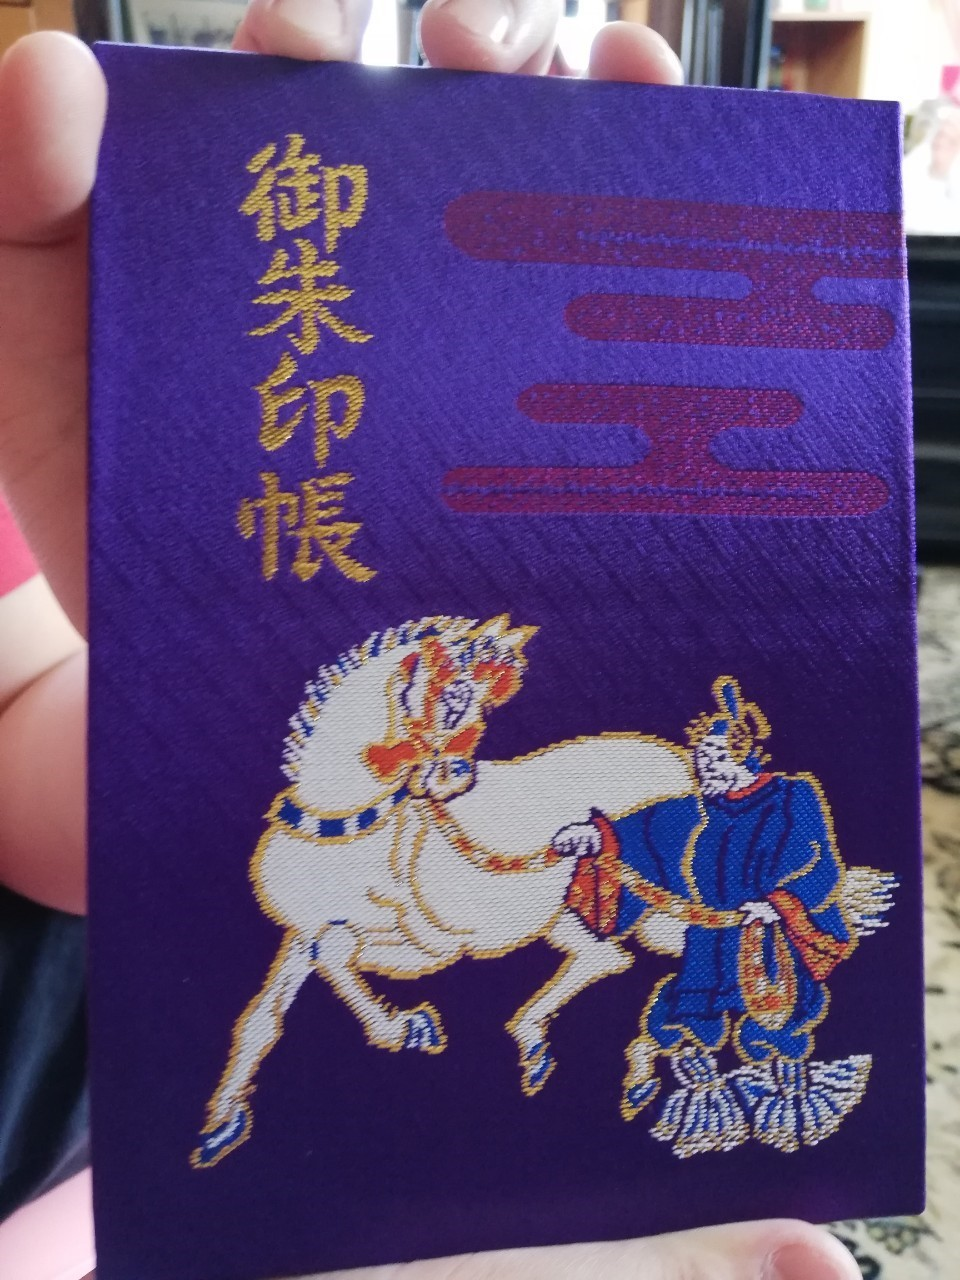 GW 石川の場合_a0113003_14241202.jpg